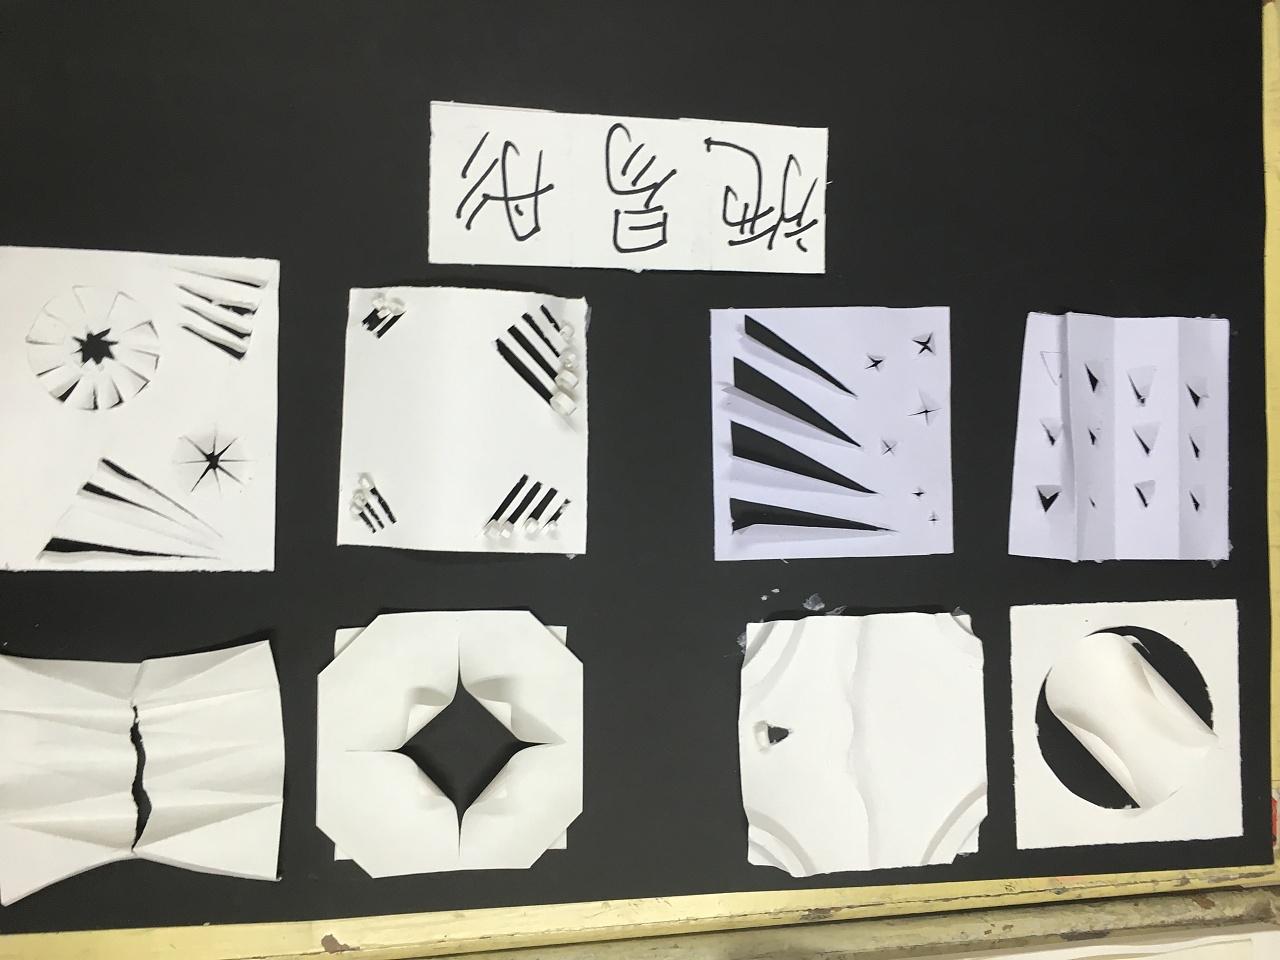 半立体构成图片